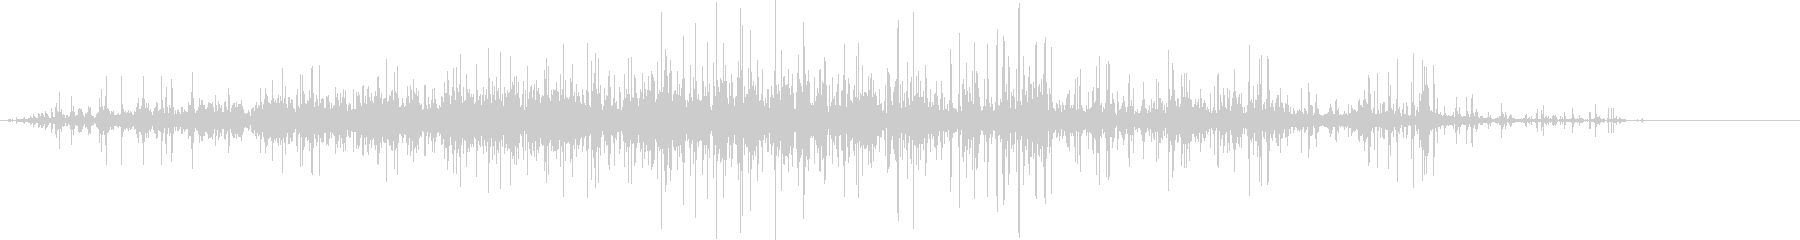 ごろごろガラガラ 瓦礫が崩れる音3の未再生の波形